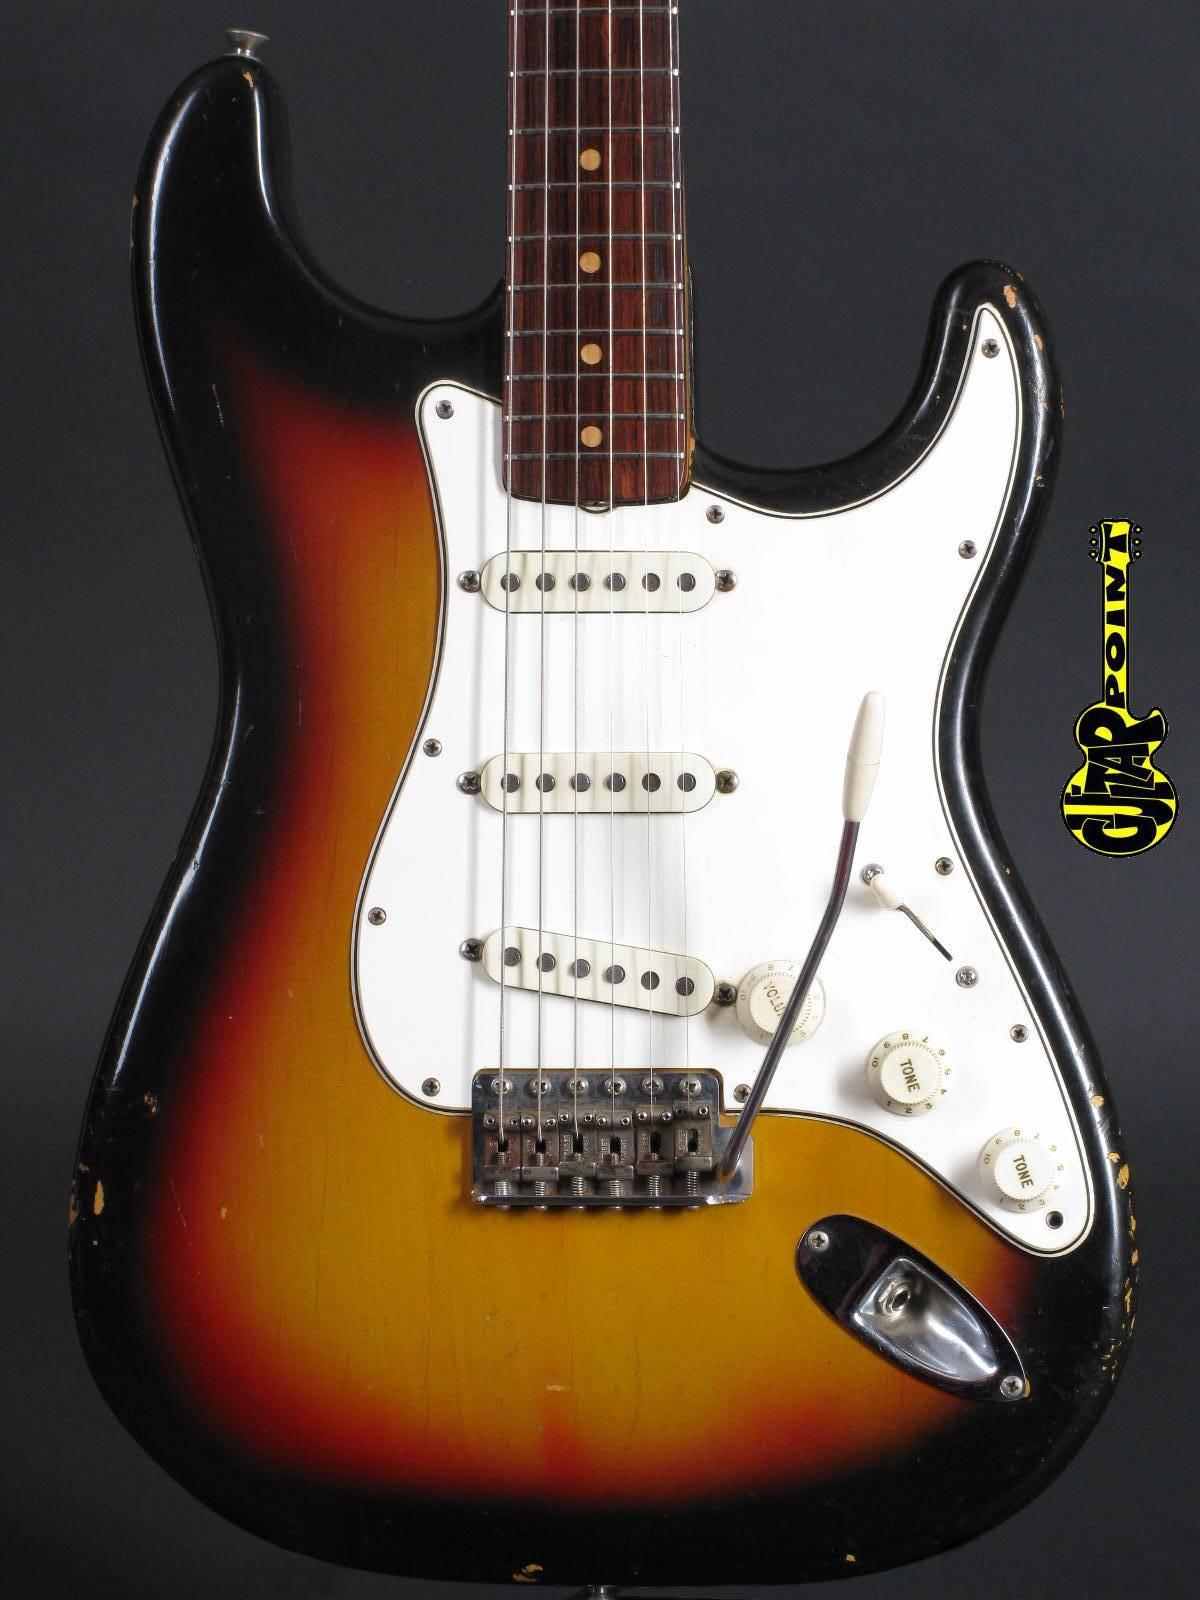 1964 Fender Stratocaster - 3t-Sunburst